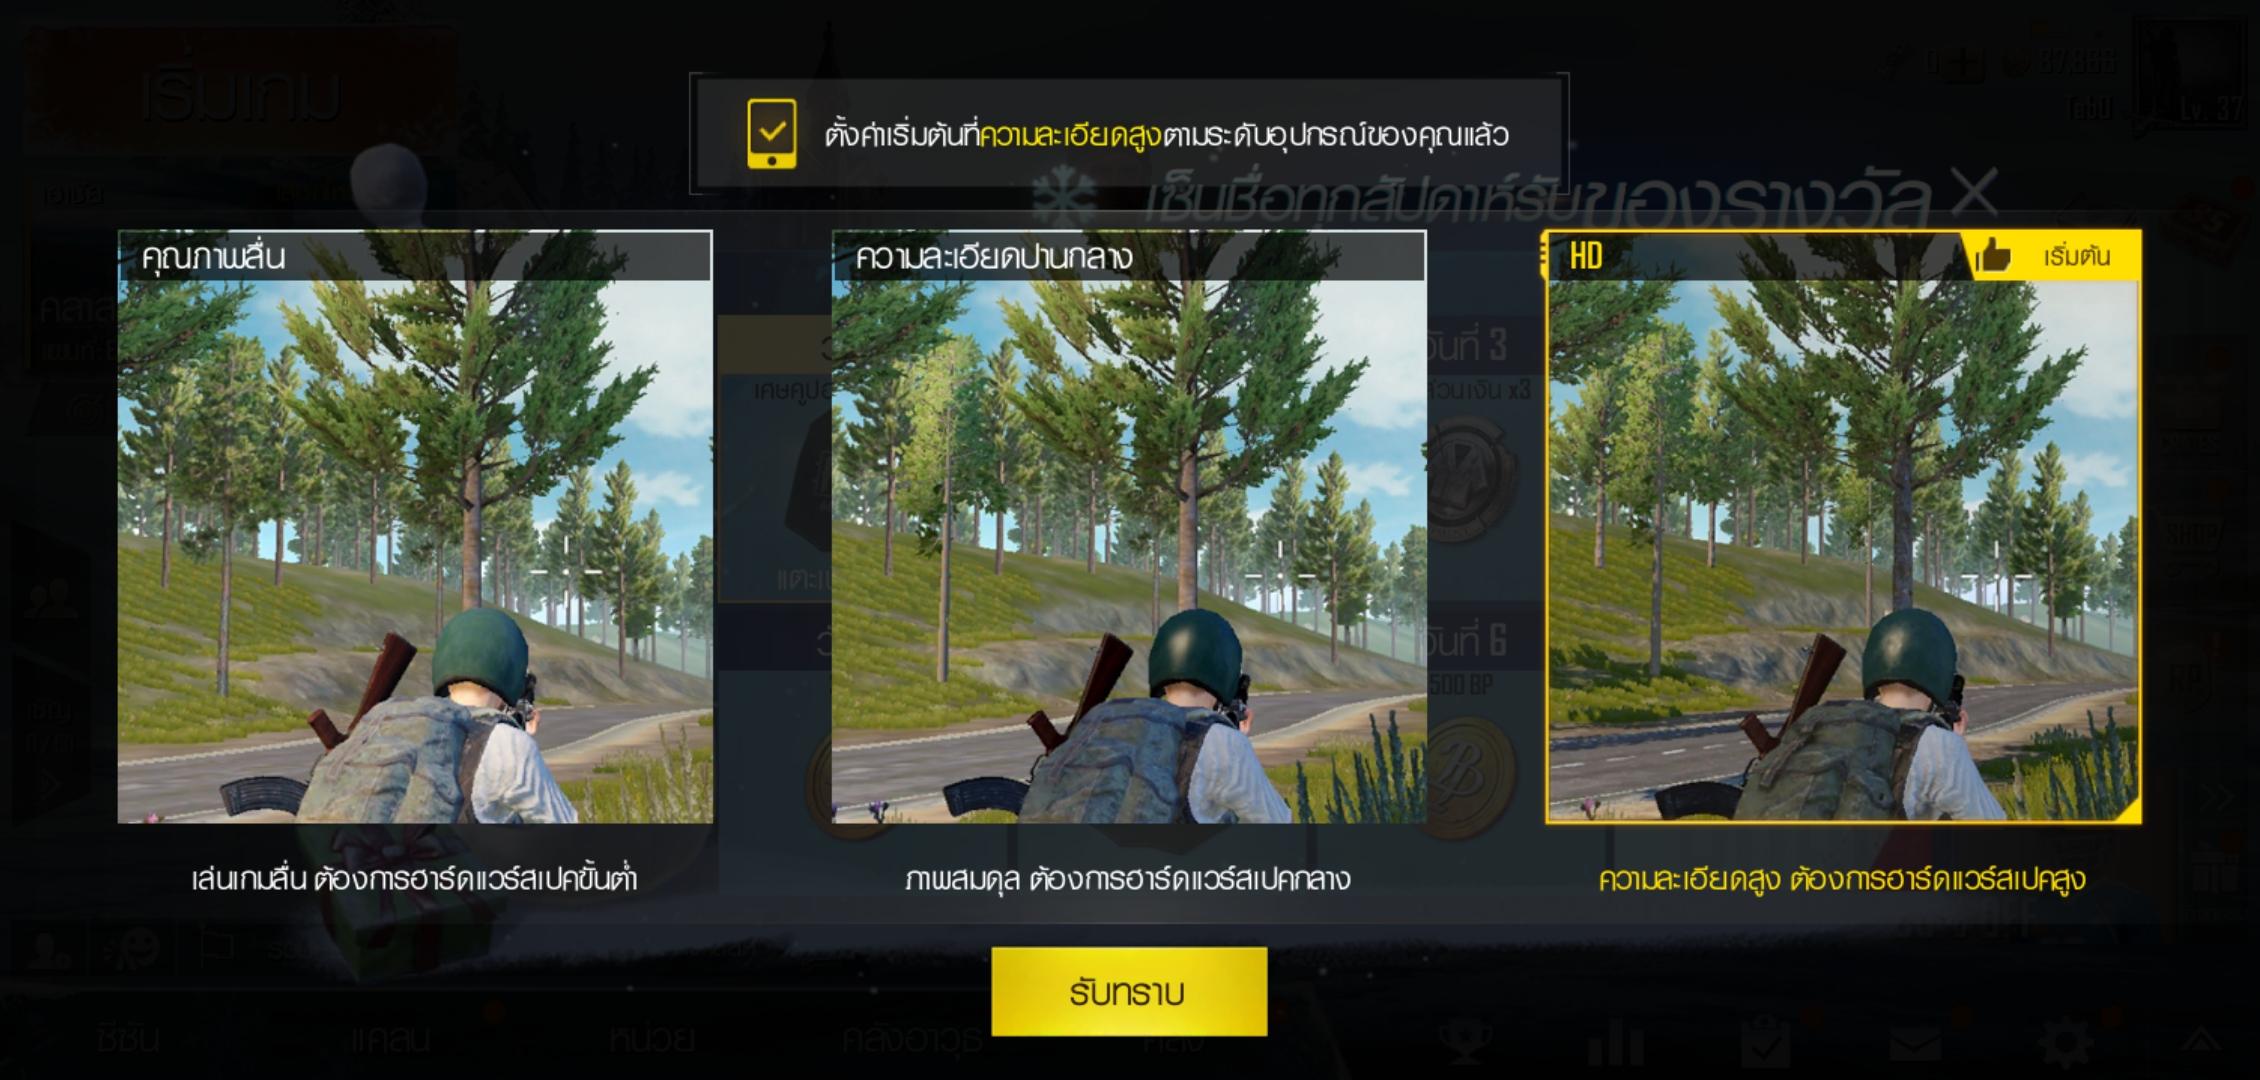 OnePlus 6T PUBG Mobile 1